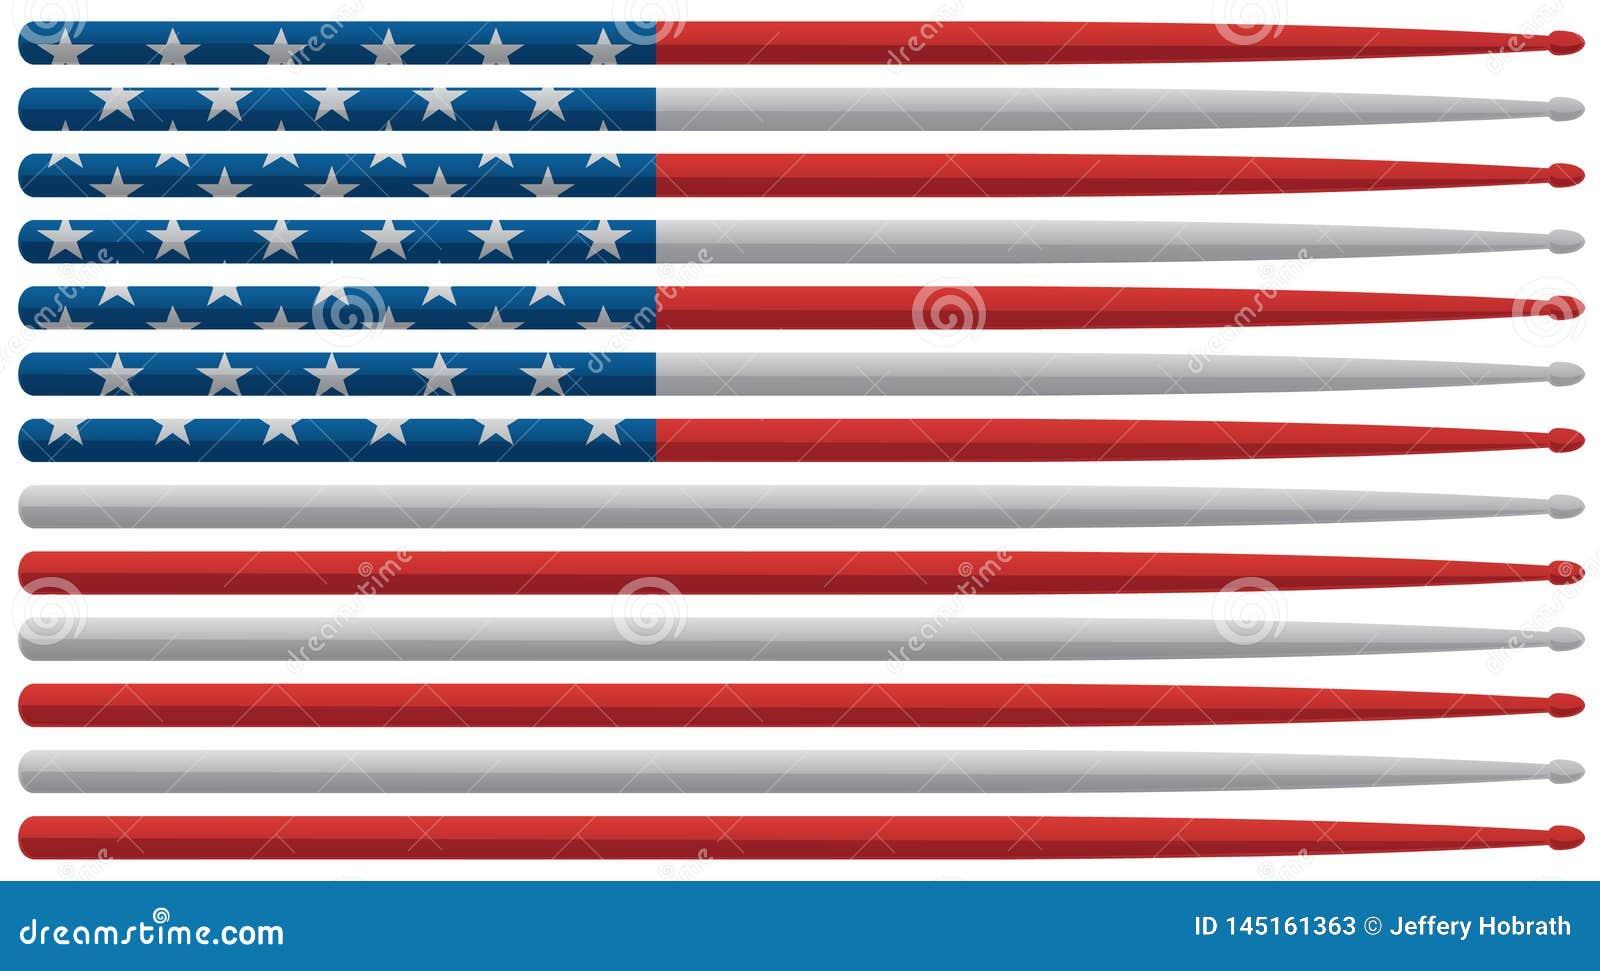 De Amerikaanse slagwerkervlag met rode, witte en blauwe sterren en de strepen trommelen stokken geïsoleerde vectorillustratie